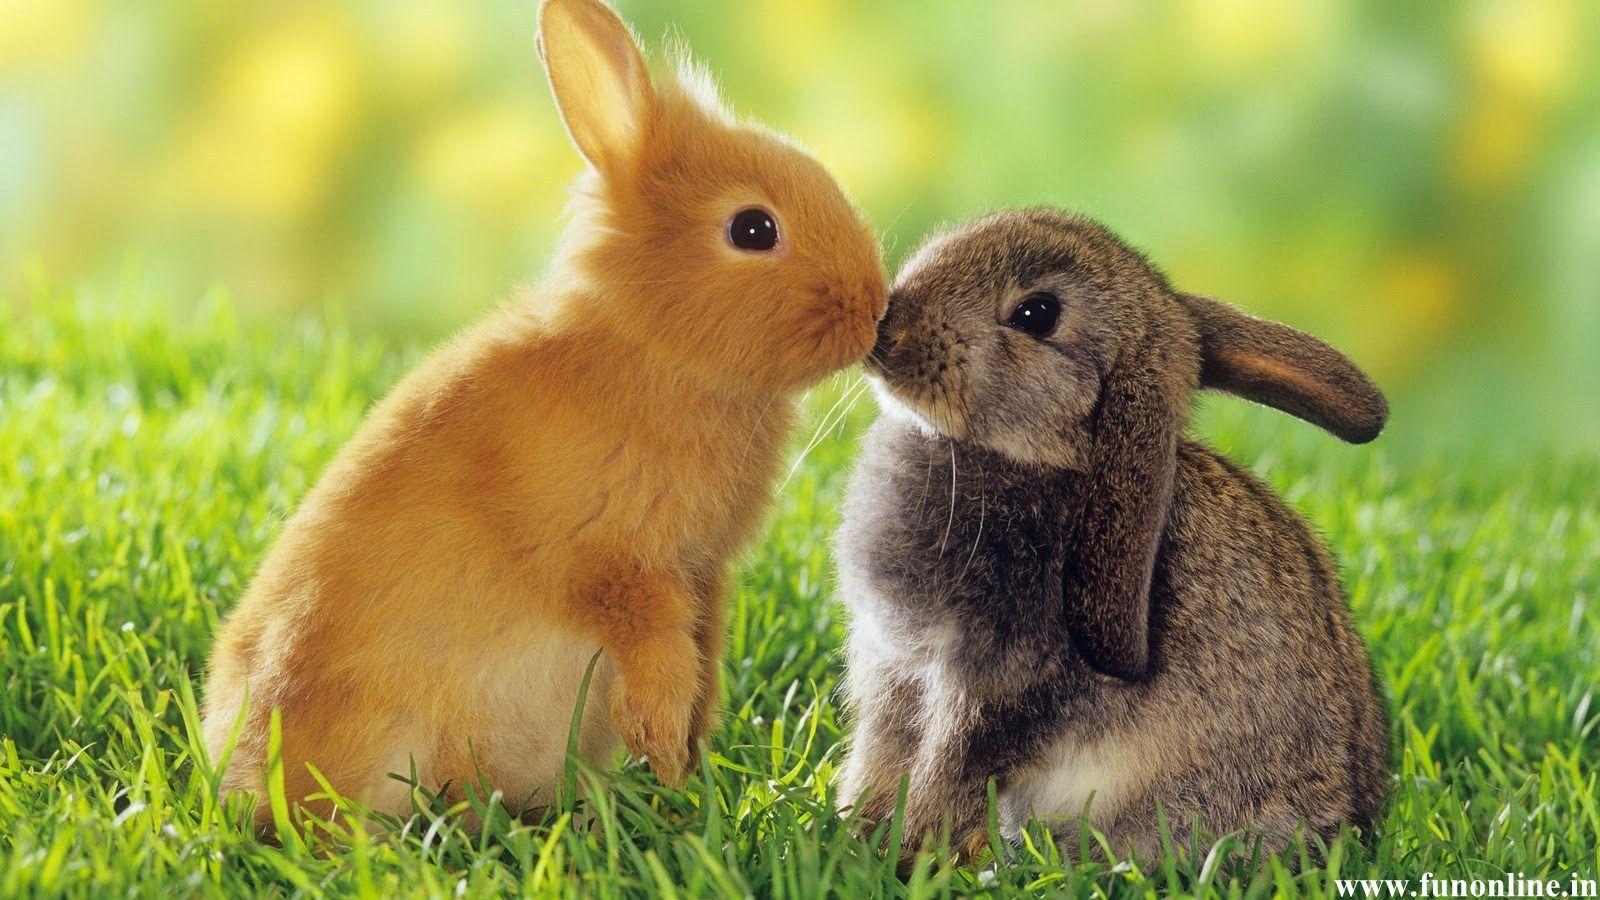 Cute Bunny Rabbits Wallpapers   Top Cute Bunny Rabbits 1600x900